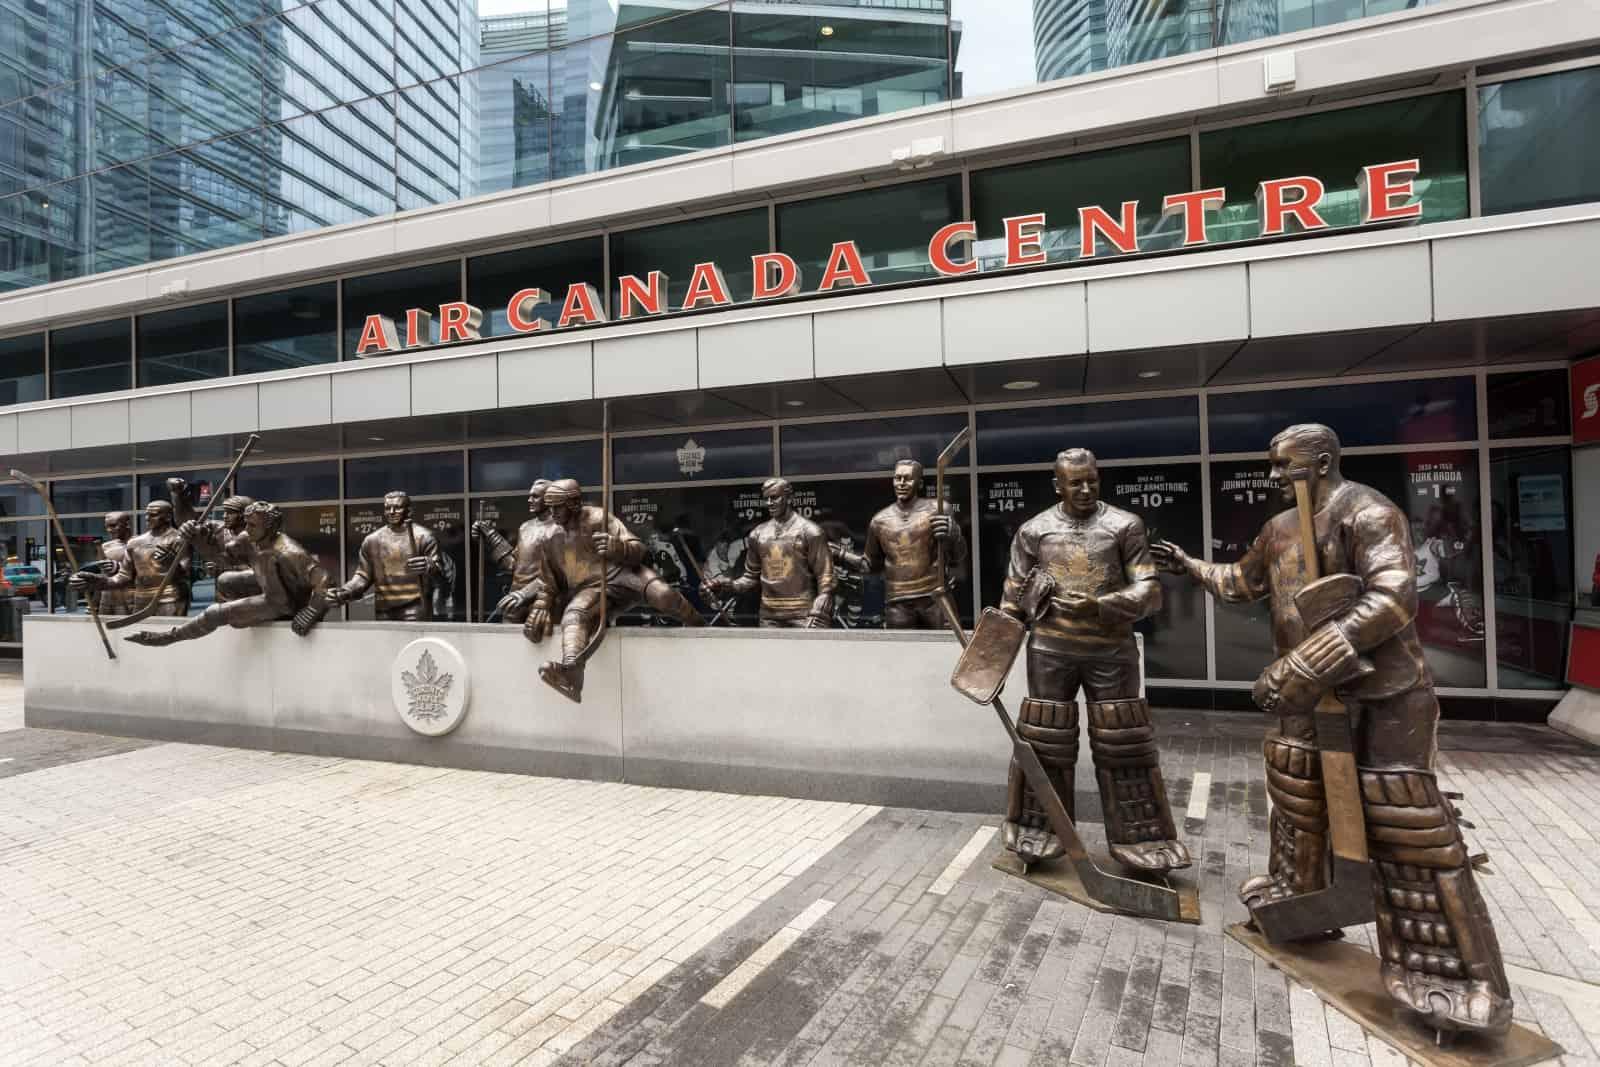 Blick auf das Air Canada Centre, ab Juli 2018 Scotiabank Centre. Foto p.lange